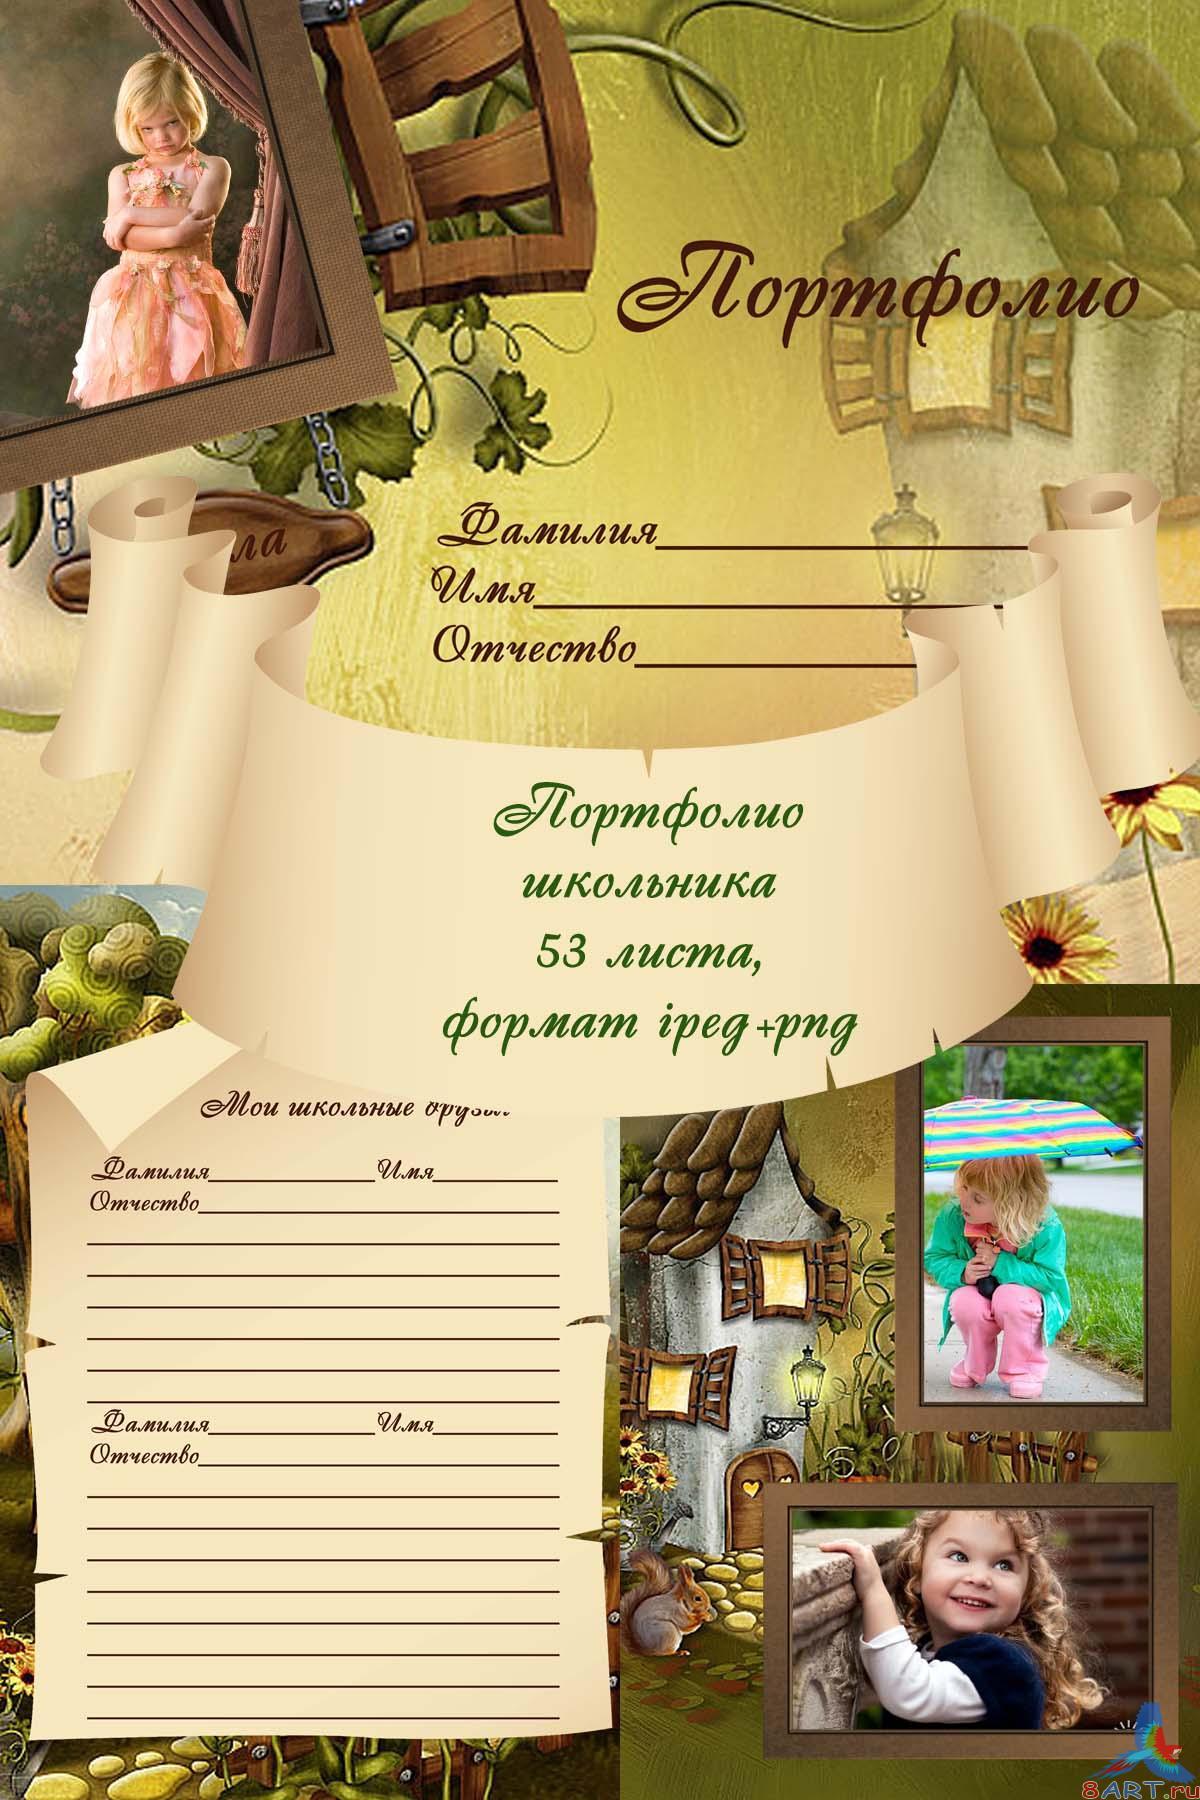 Титульный лист портфолио ученика начальной школы образец 16 фотография